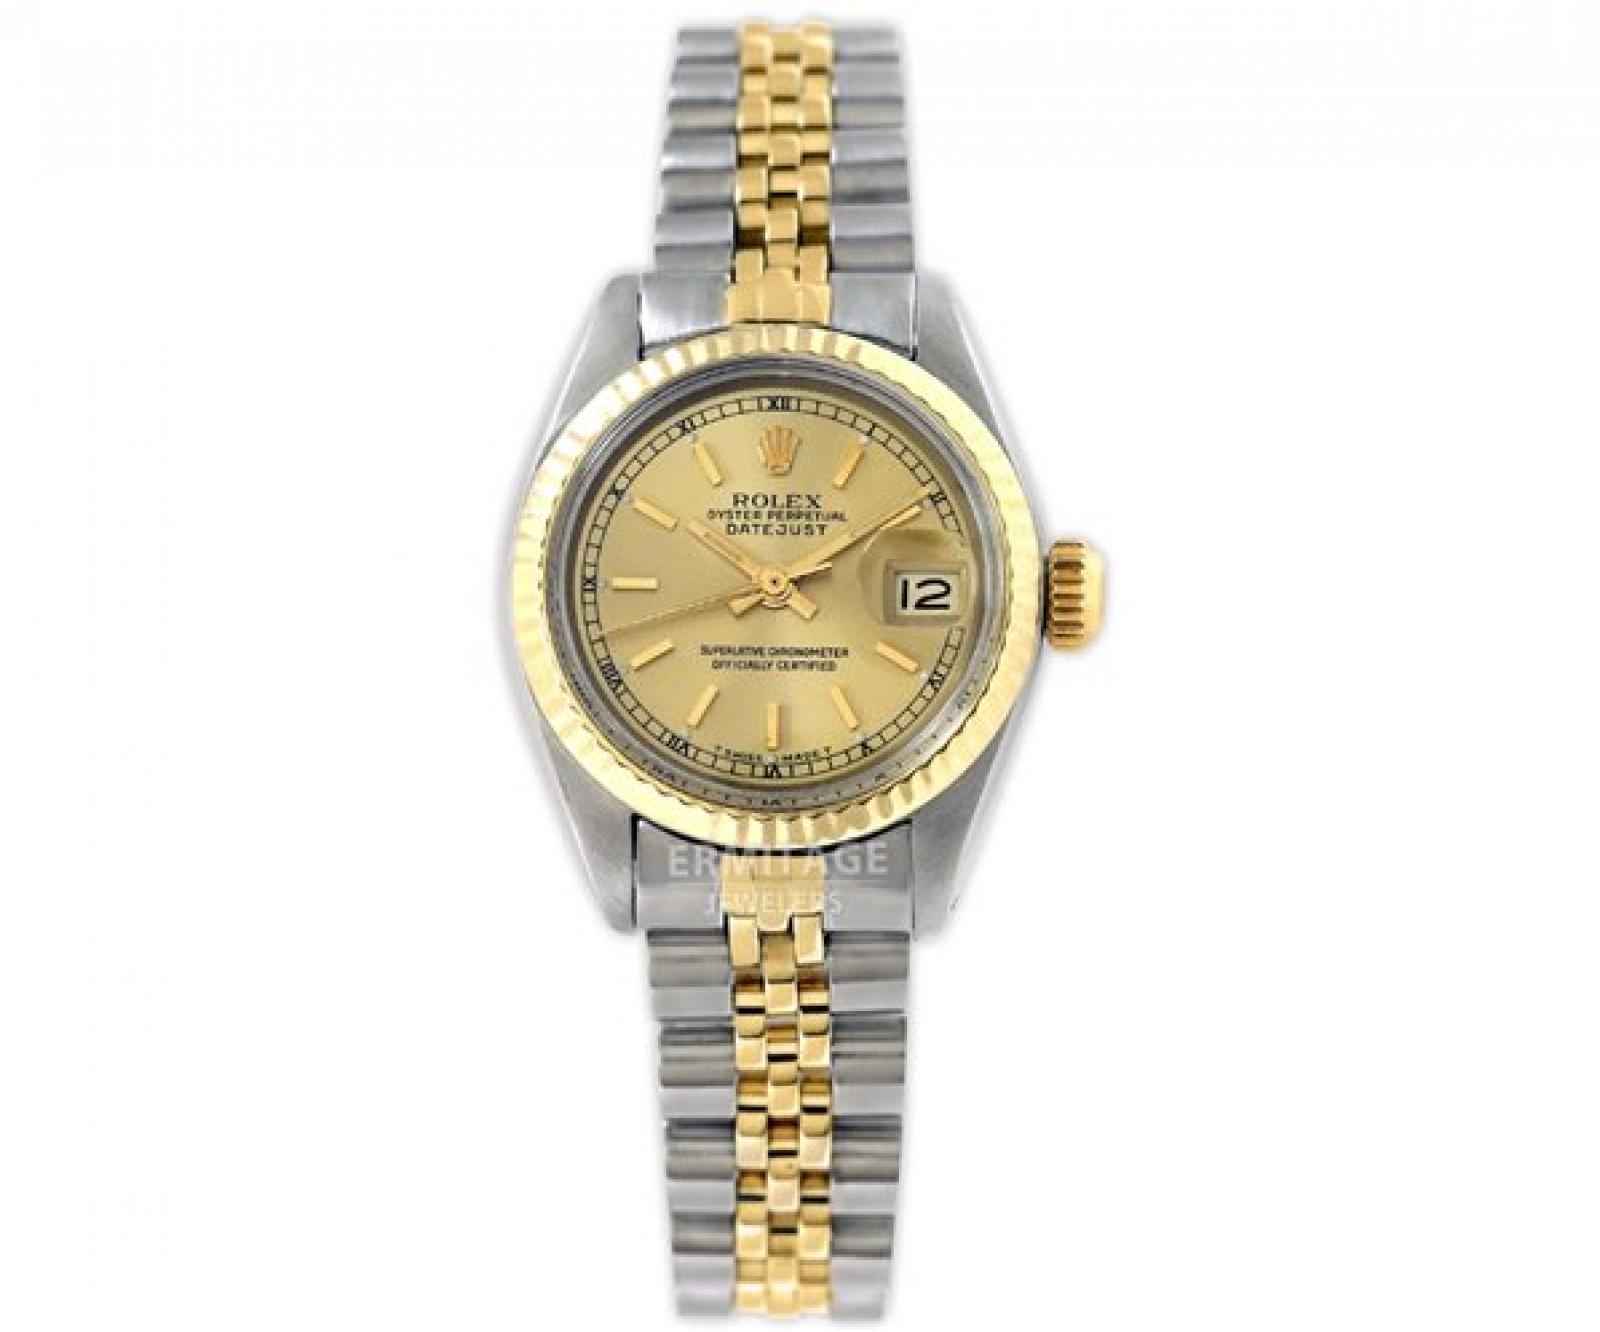 Vintage Rolex Datejust 6917 Gold & Steel